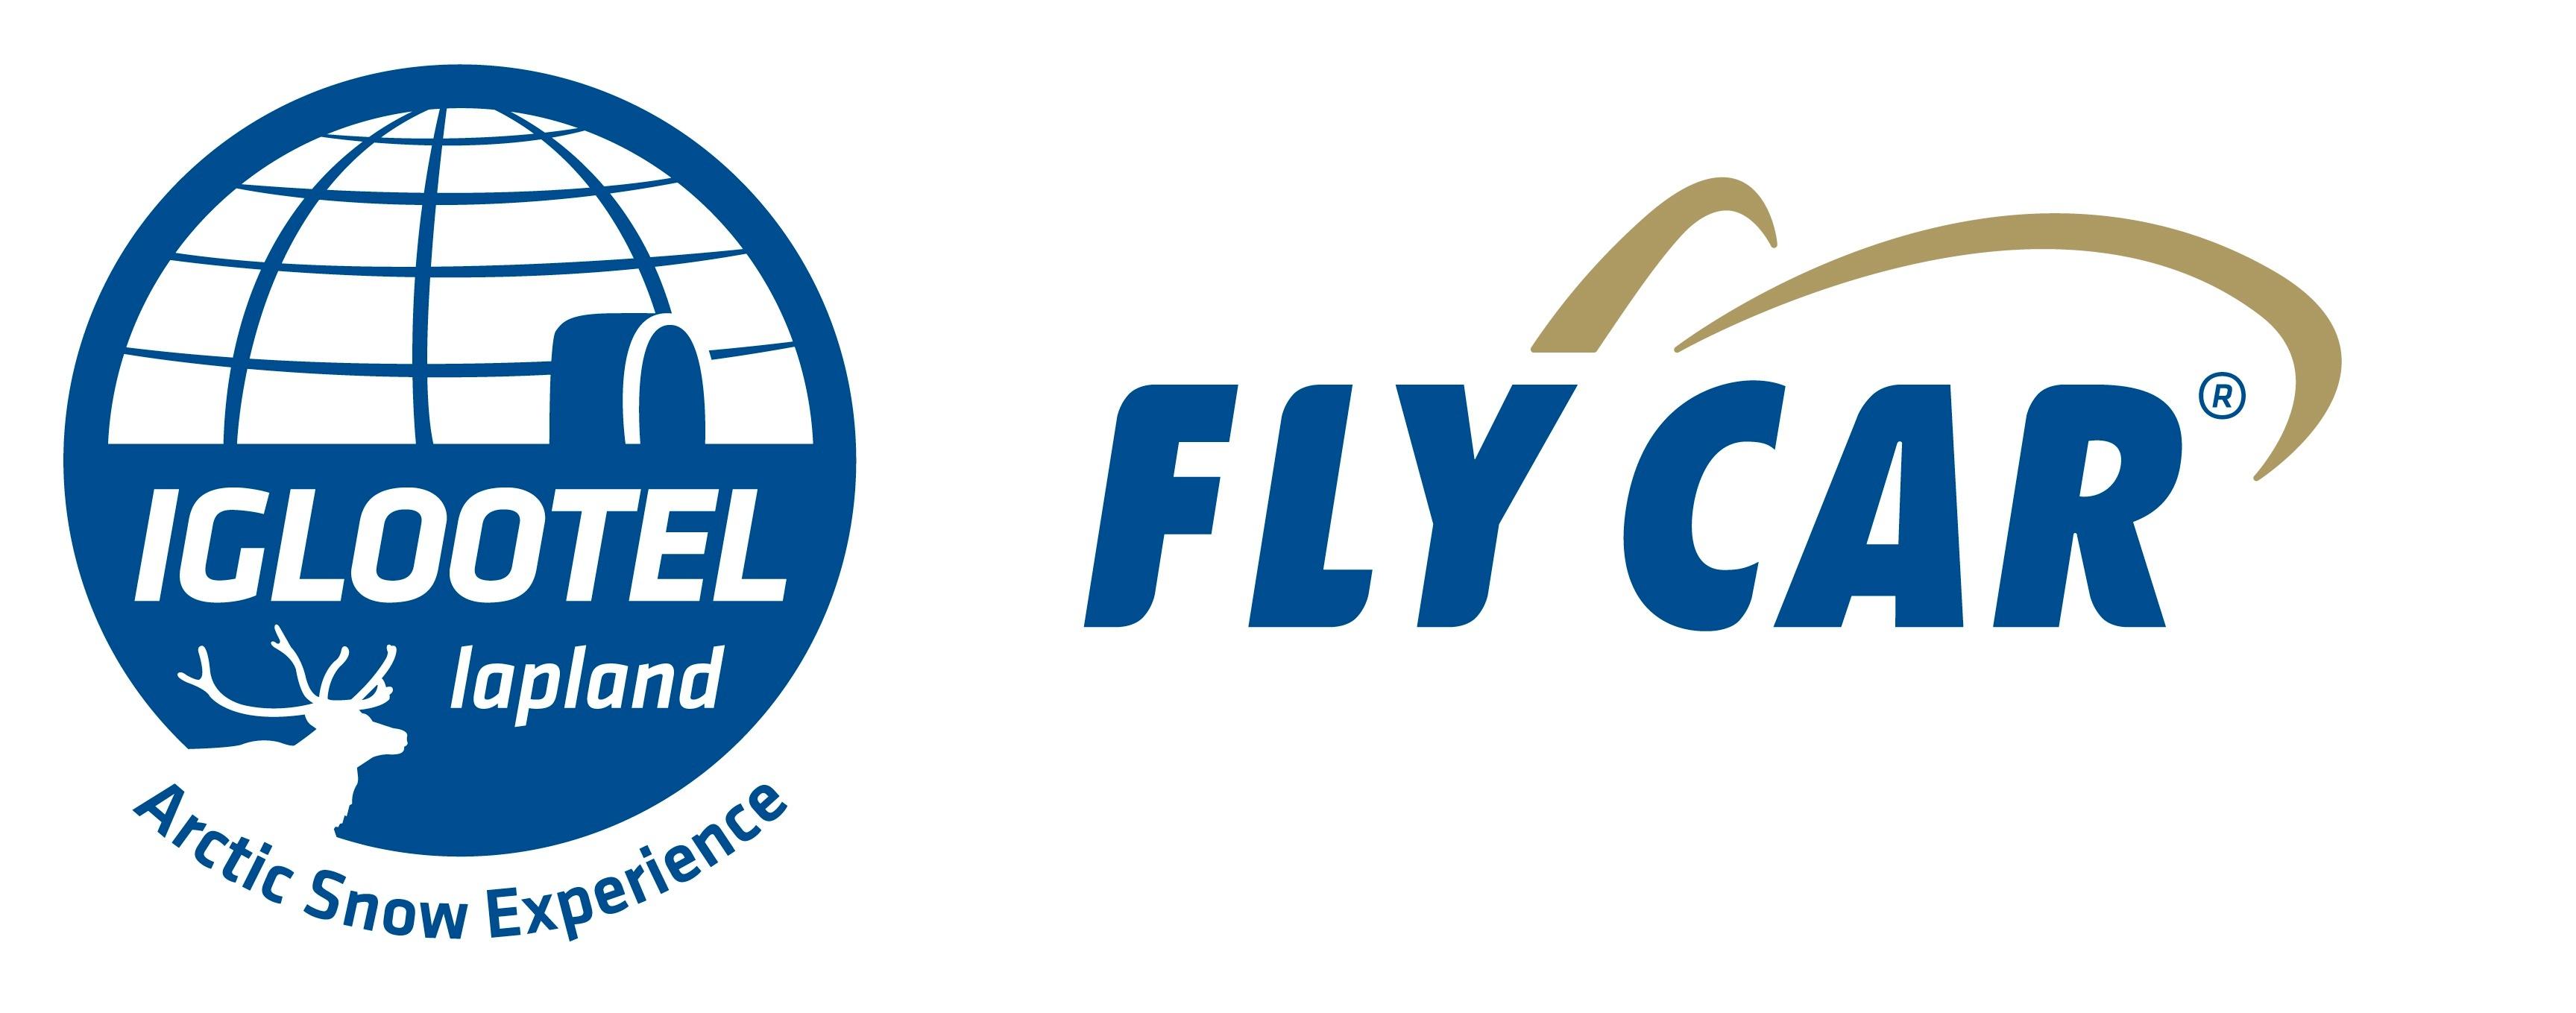 Logo-ITB 2018-IGLOOTEL_FlyCar